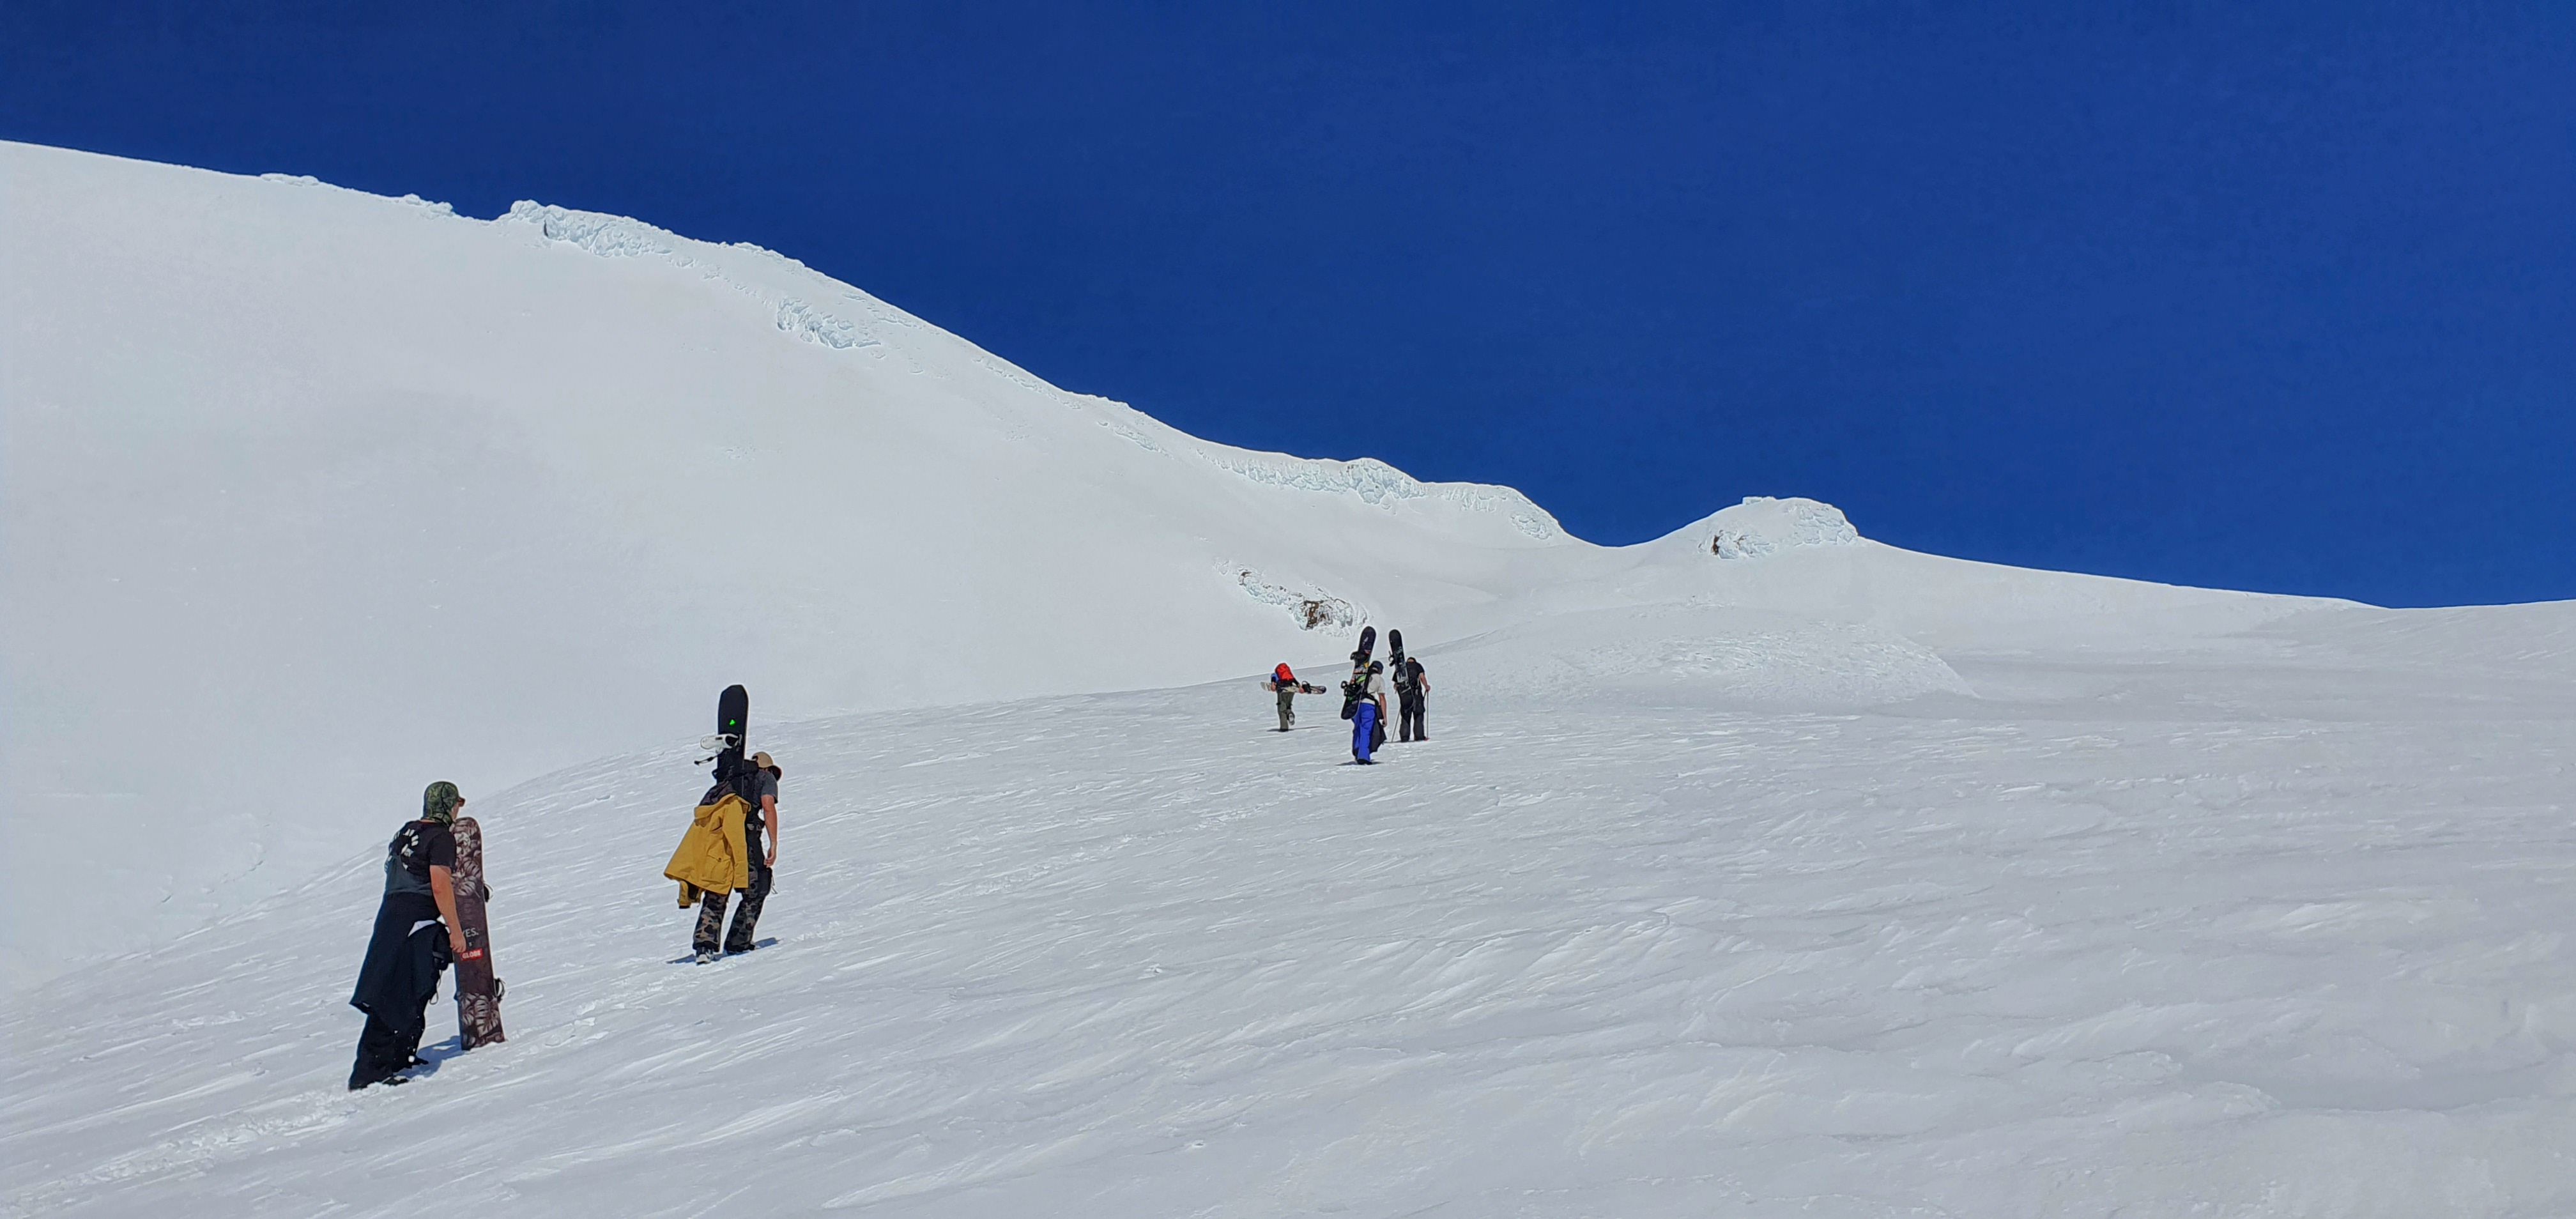 Alpine Sports Club, Whakapapa